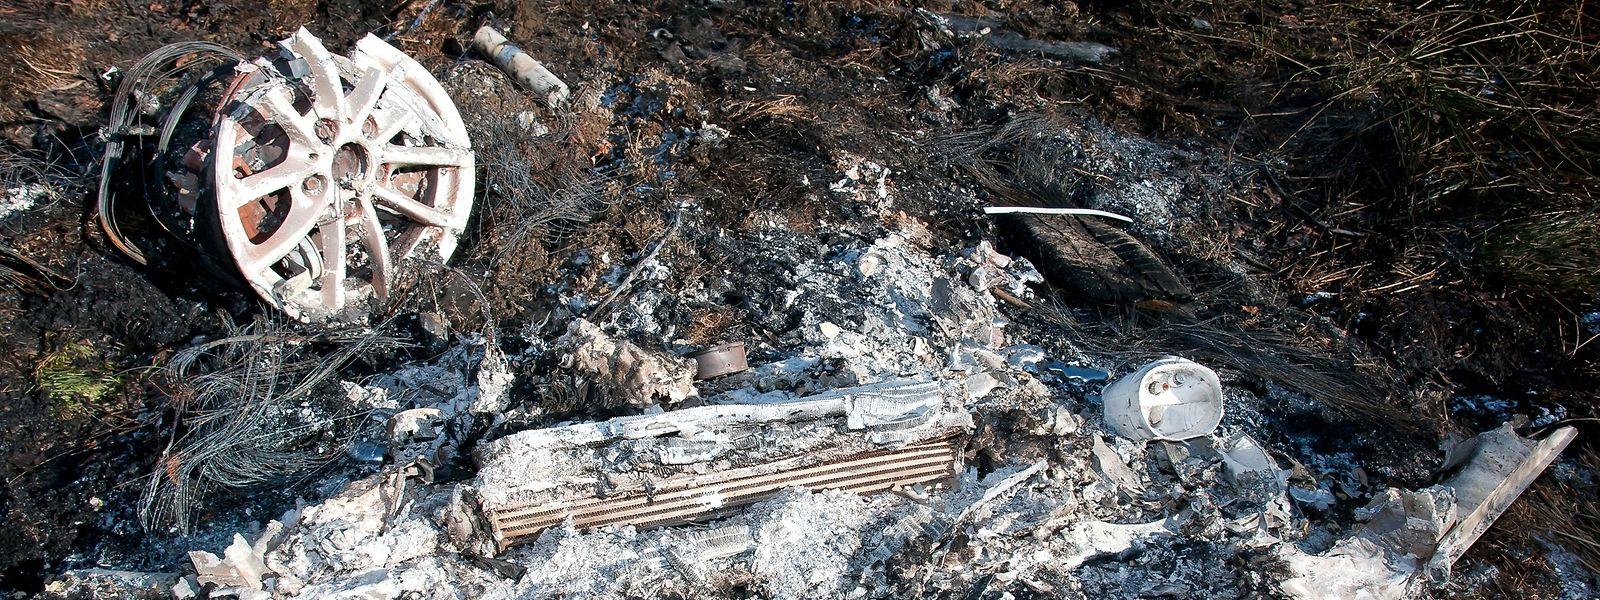 In Roussy-le-Village waren am Tag nach dem Fund des ausgebrannten Autos noch deutliche Spuren zu sehen.